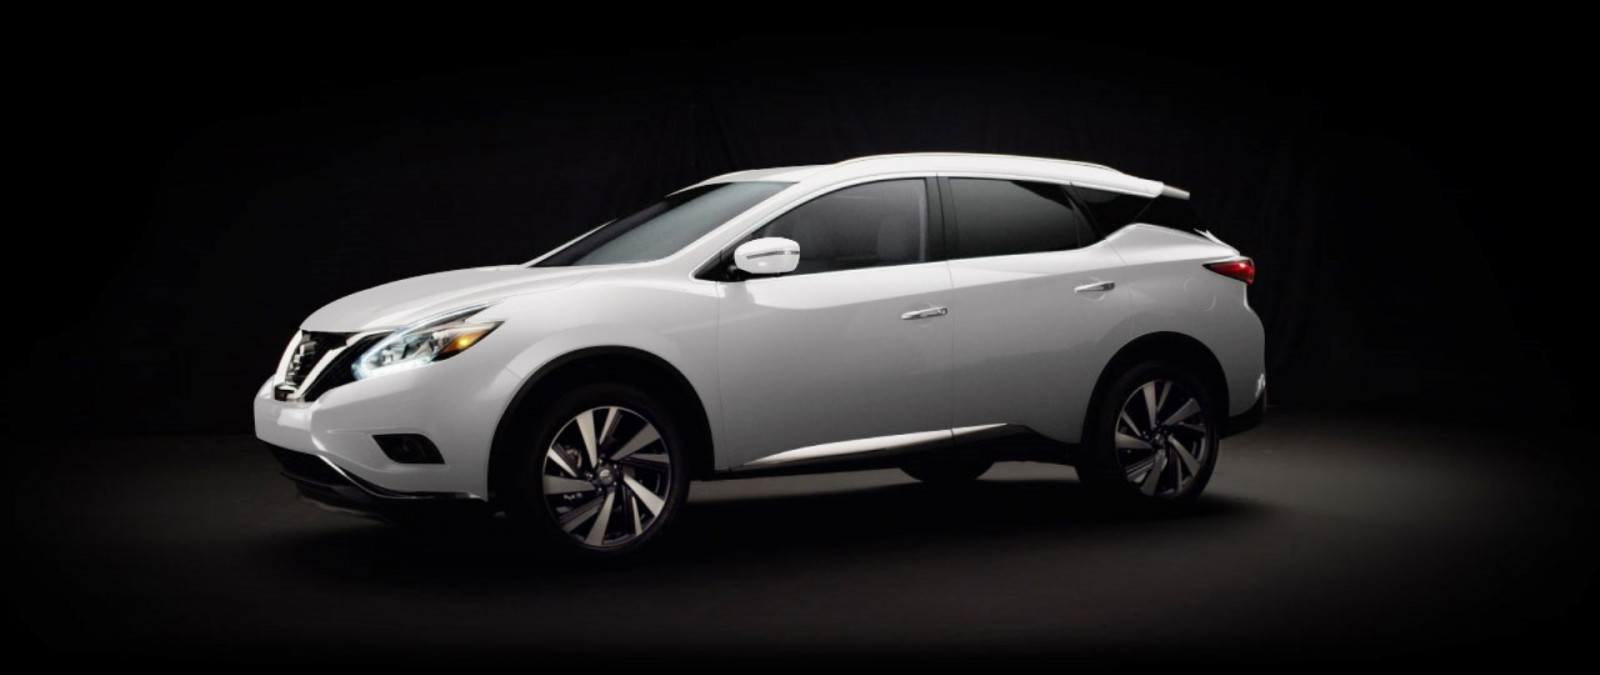 2015 Nissan Murano Pearl White 14